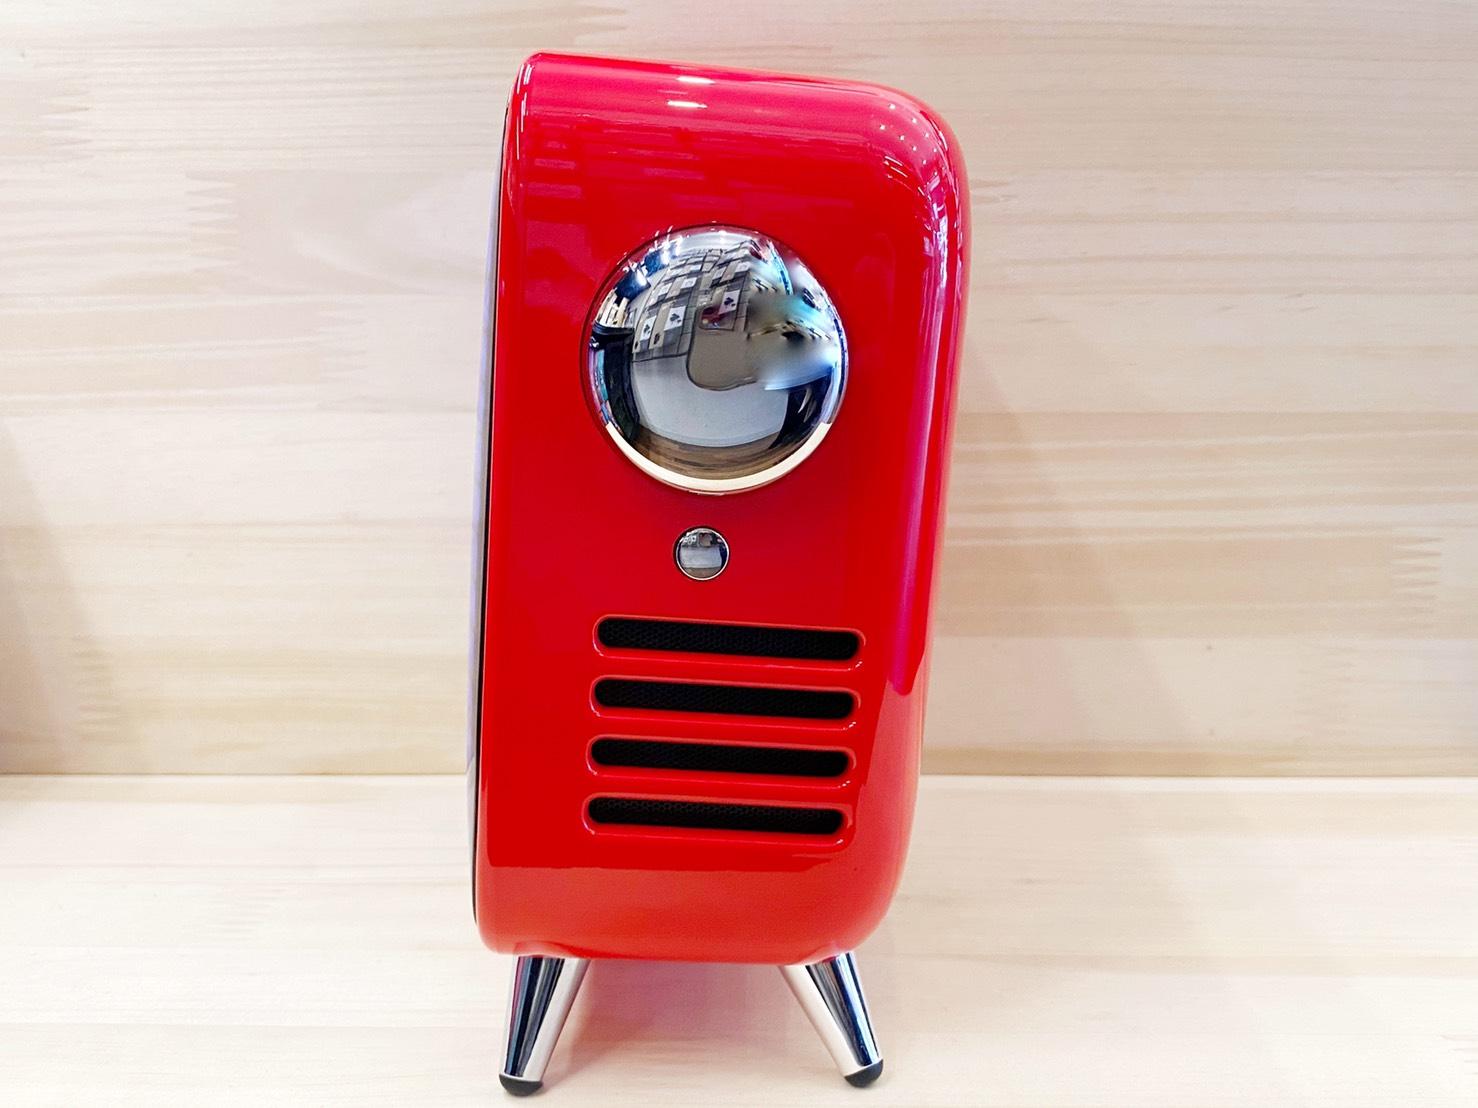 レトロテレビ型スピーカー「TIVOO MAX レッド」